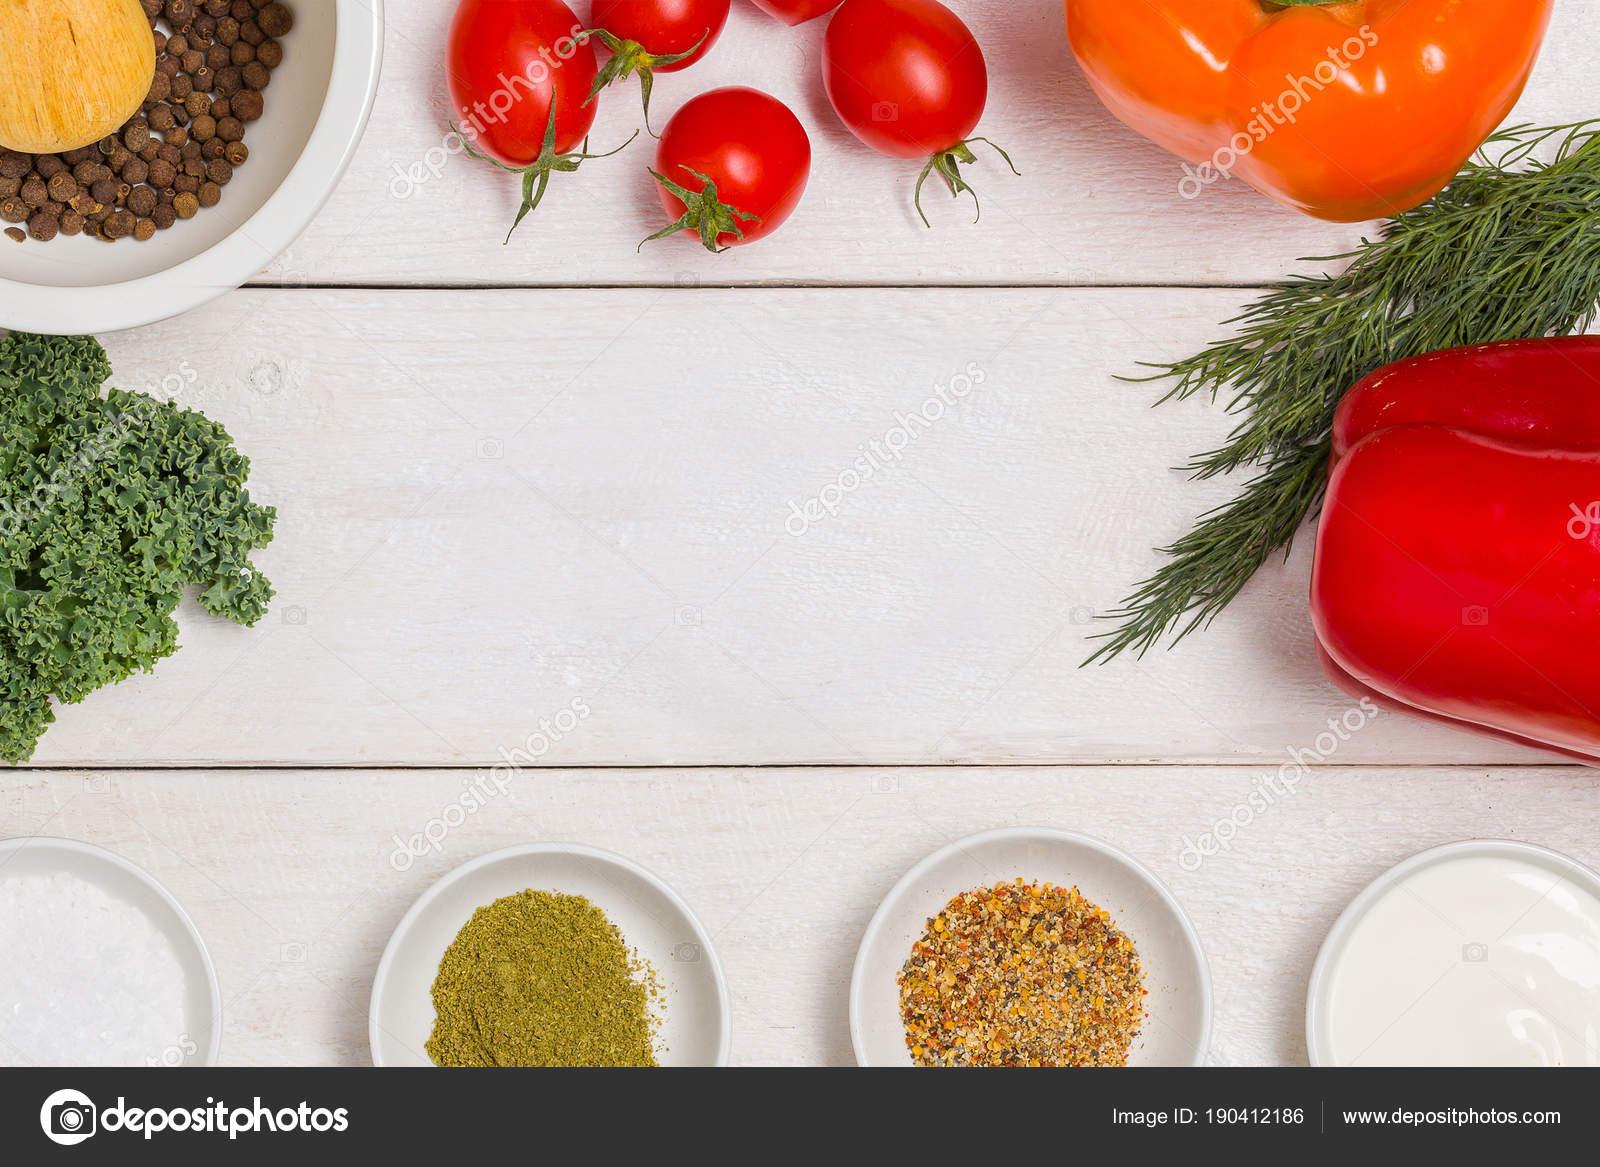 Weisse Holzkuche Tabellenhintergrund Mit Gesunde Kochzutaten Und